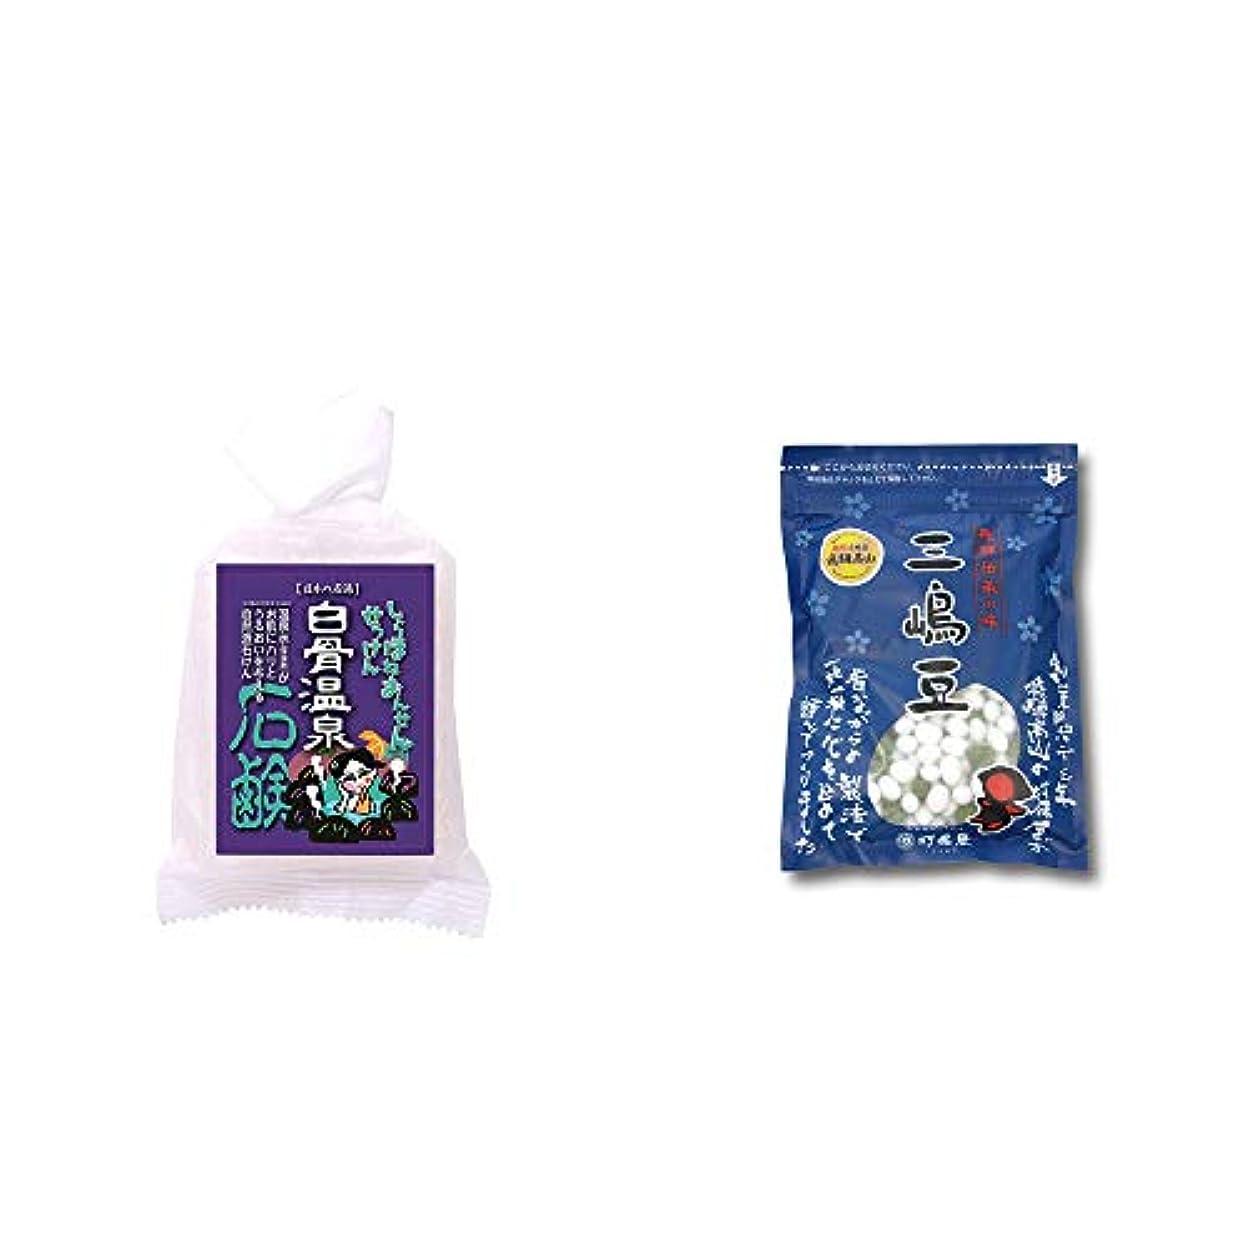 [2点セット] 信州 白骨温泉石鹸(80g)?飛騨 打保屋 駄菓子 三嶋豆(150g)